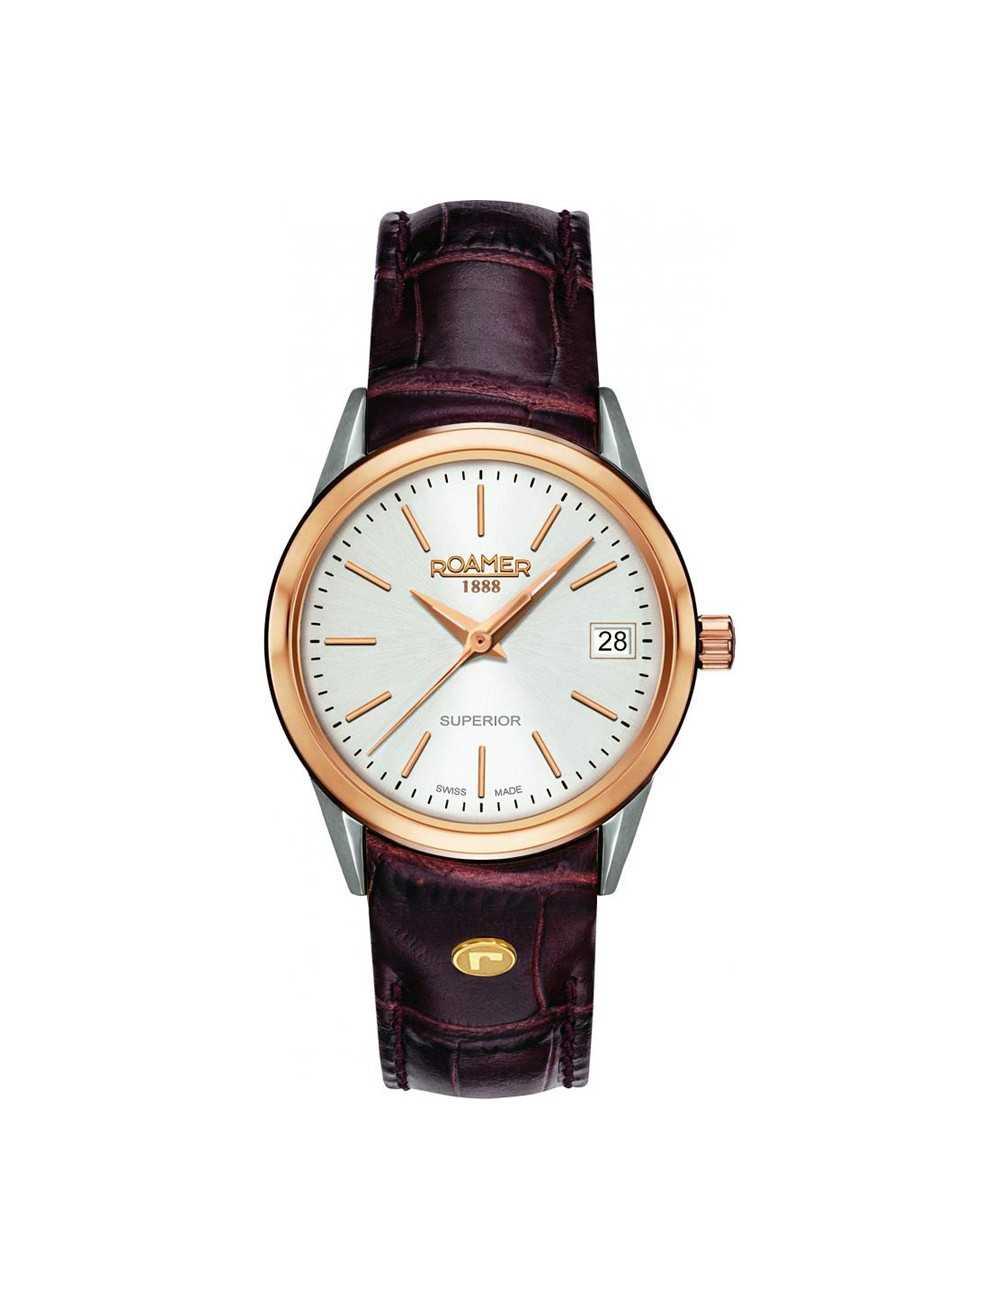 Dámske hodinky Roamer Superior 3H 508856491505